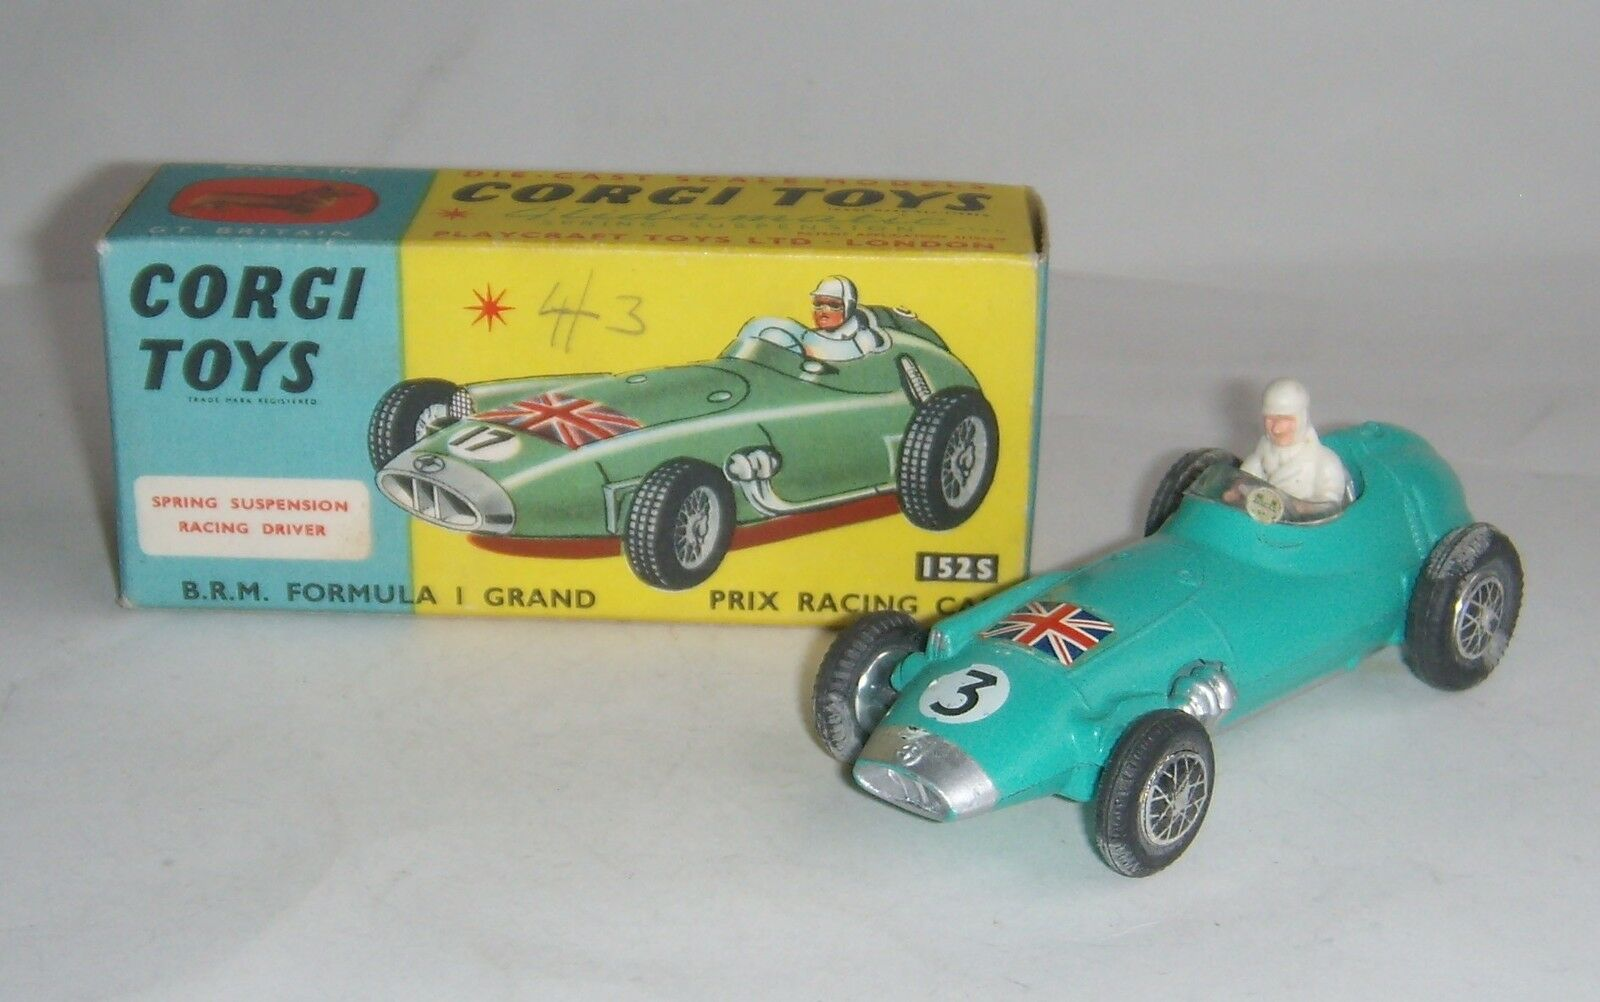 Corgi Toys No. 152s, BRM Formula 1 Grand Prix Racing Car, - Superb